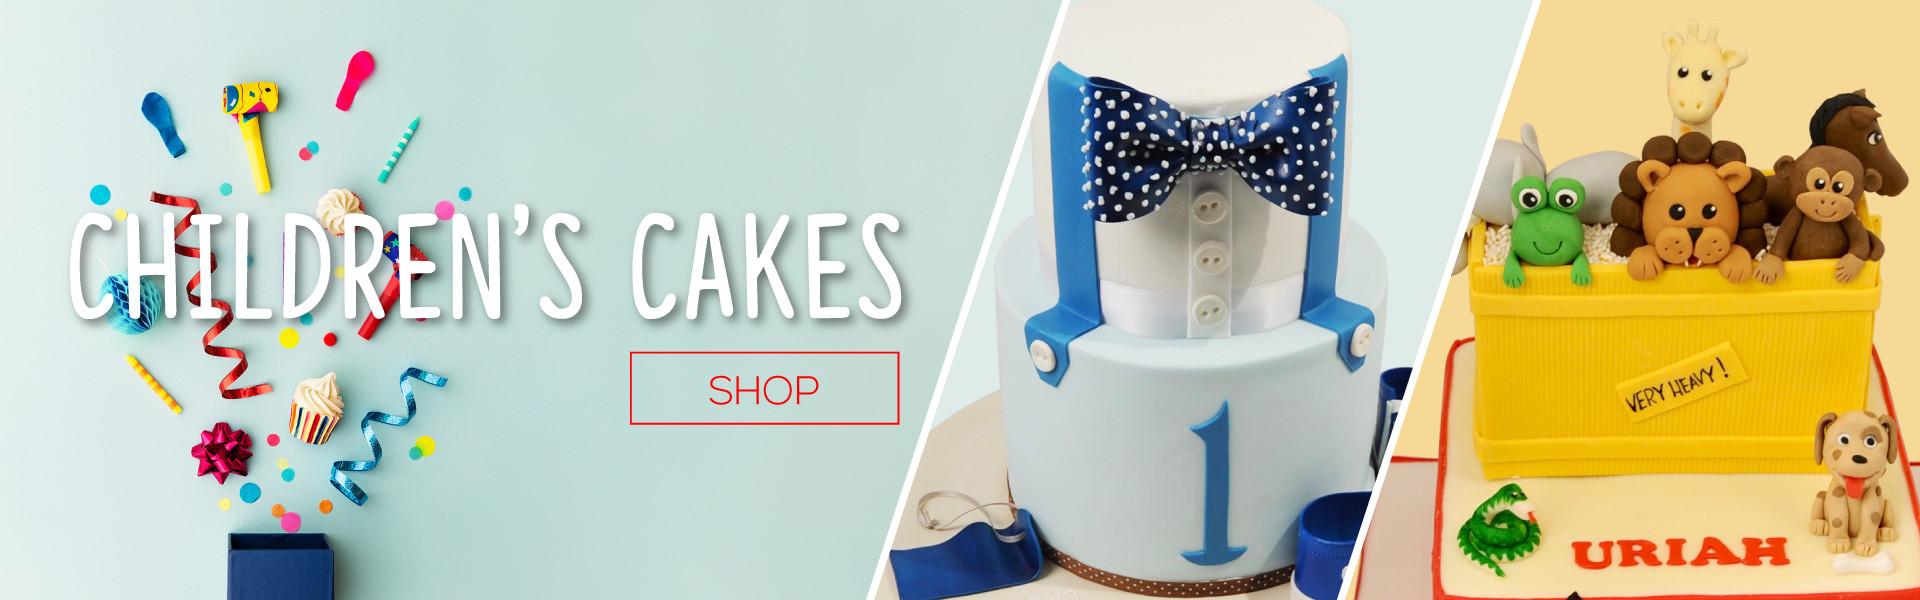 Children' s Cakes